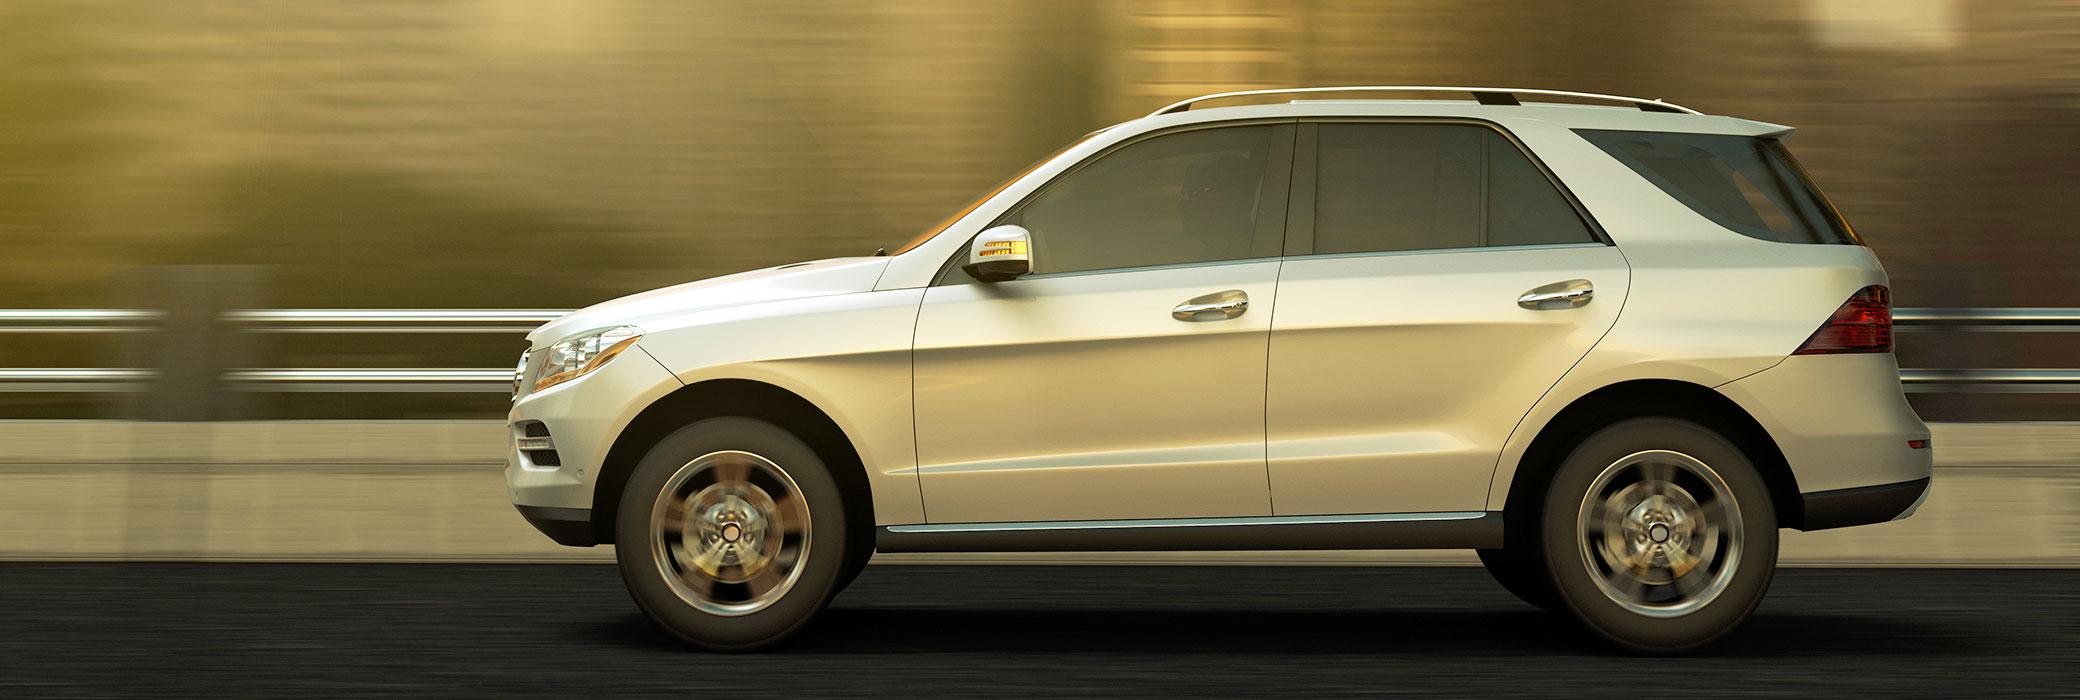 Srebrn srednje velik avtomobil, prikaza od strani, se pelje po cesti